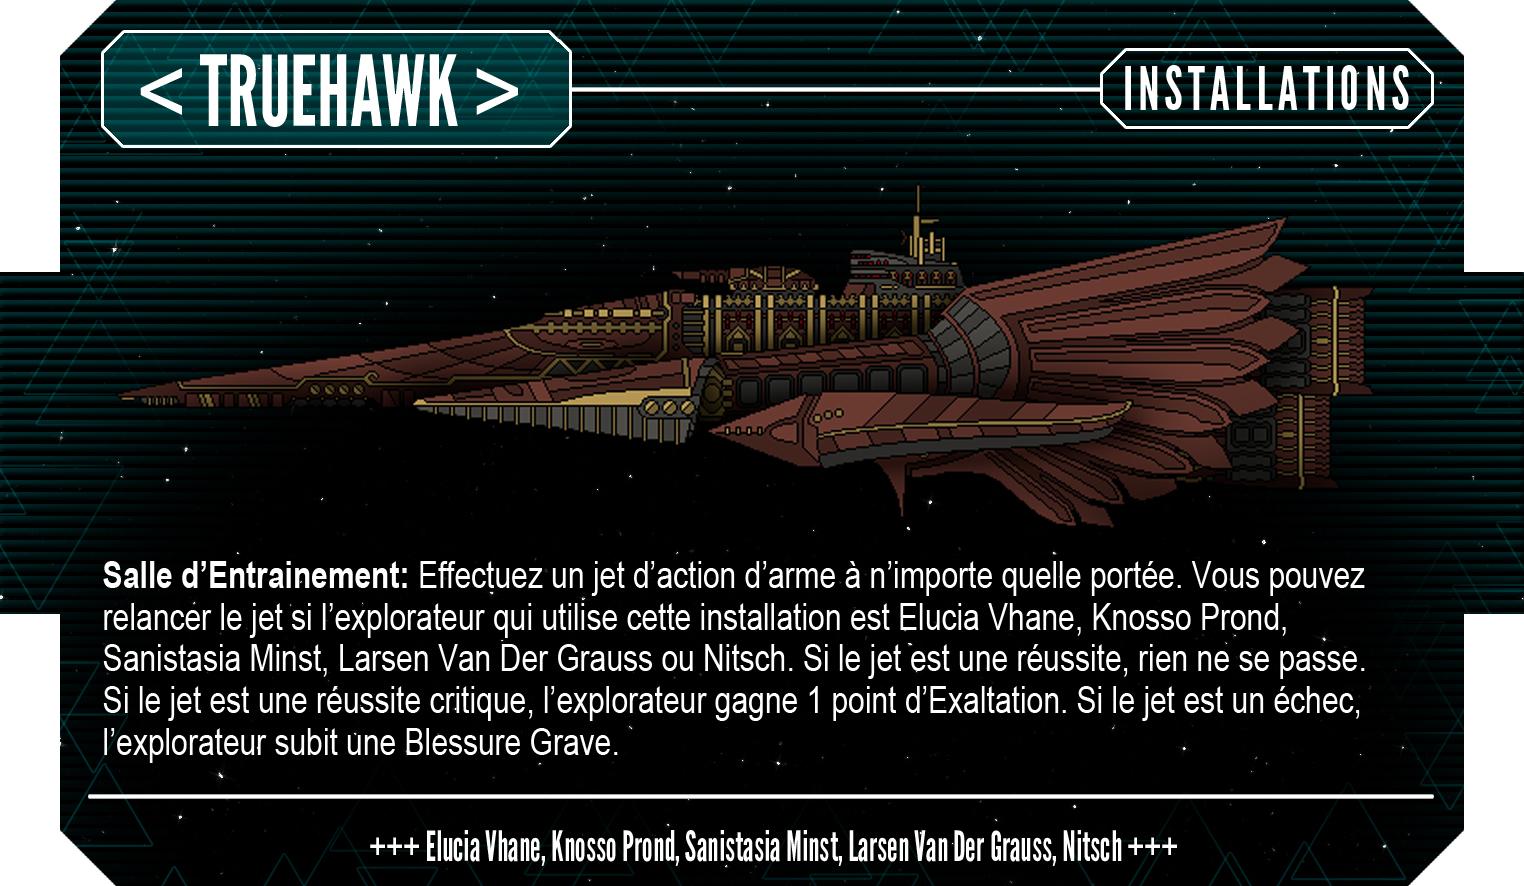 Truehawk-Installations.jpg